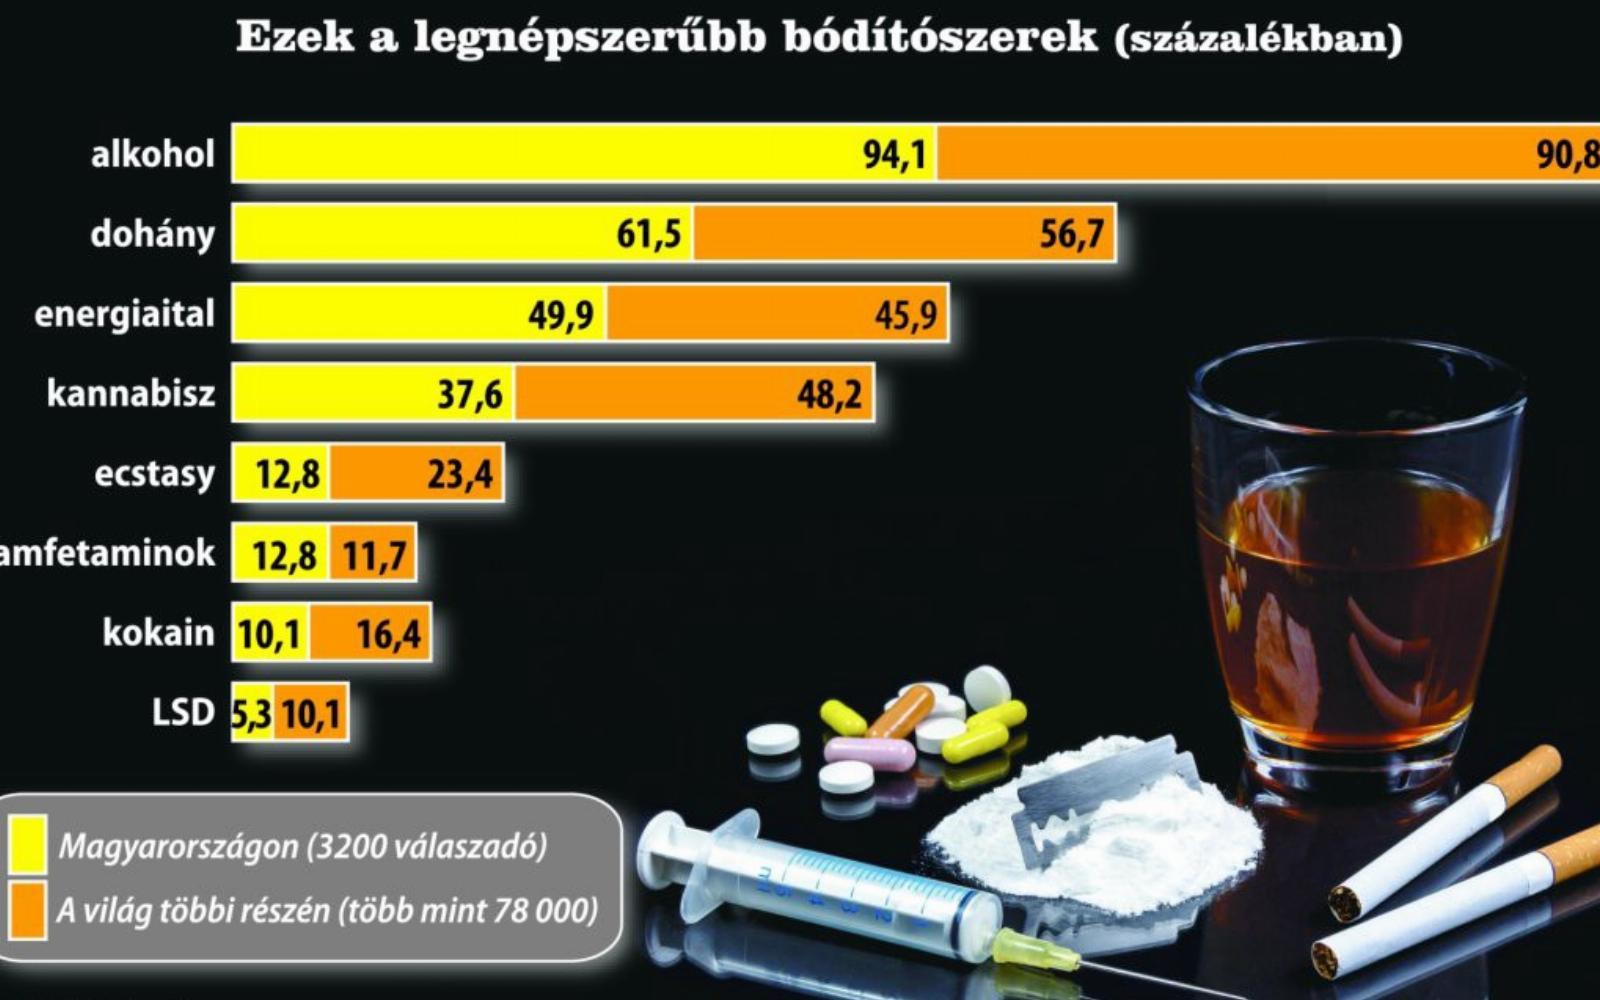 ezek drogok, amelyek bevezetése